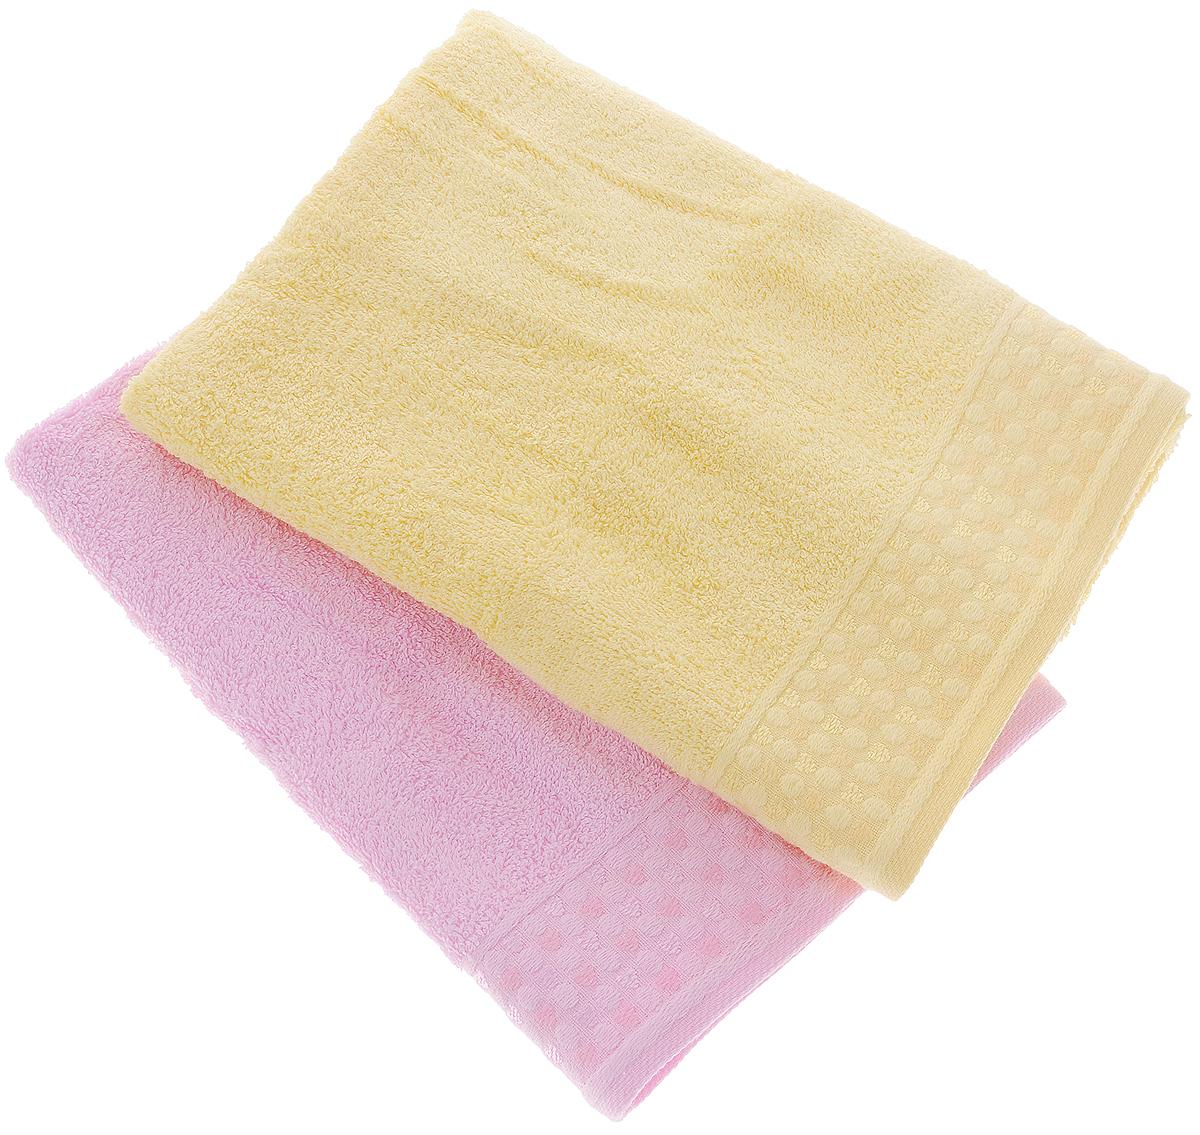 """Набор Tete-a-Tete """"Сердечки"""" состоит из двух махровых полотенец, выполненных из натурального 100% хлопка. Бордюр полотенец декорирован рисунком сердечек. Изделия мягкие, отлично впитывают влагу, быстро сохнут, сохраняют яркость цвета и не теряют форму даже после многократных стирок.  Полотенца Tete-a-Tete """"Сердечки"""" очень практичны и неприхотливы в уходе. Они легко впишутся в любой интерьер благодаря своей нежной цветовой гамме. Набор упакован в красивую коробку и может послужить отличной идеей для подарка. Размер полотенец: 50 х 90 см."""